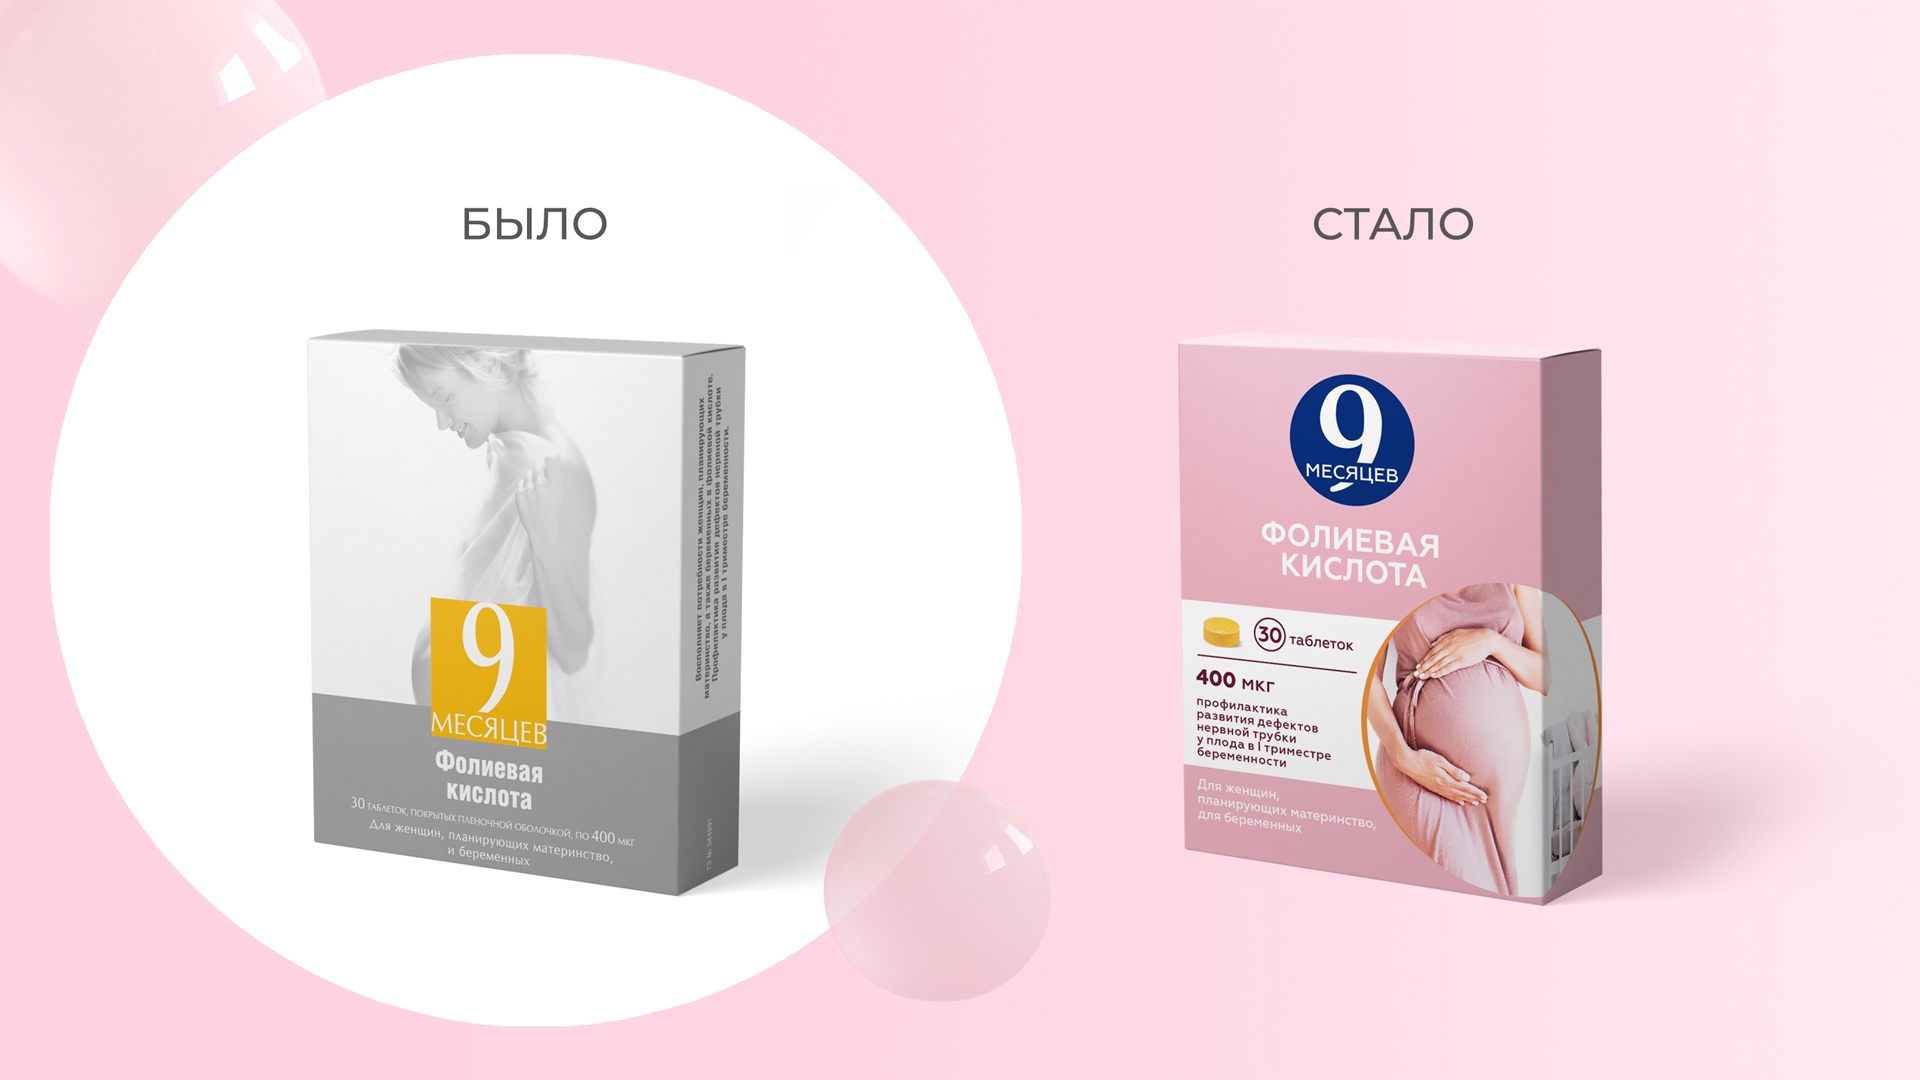 редизайн упаковки 9 месяцев для компании Валента фарм